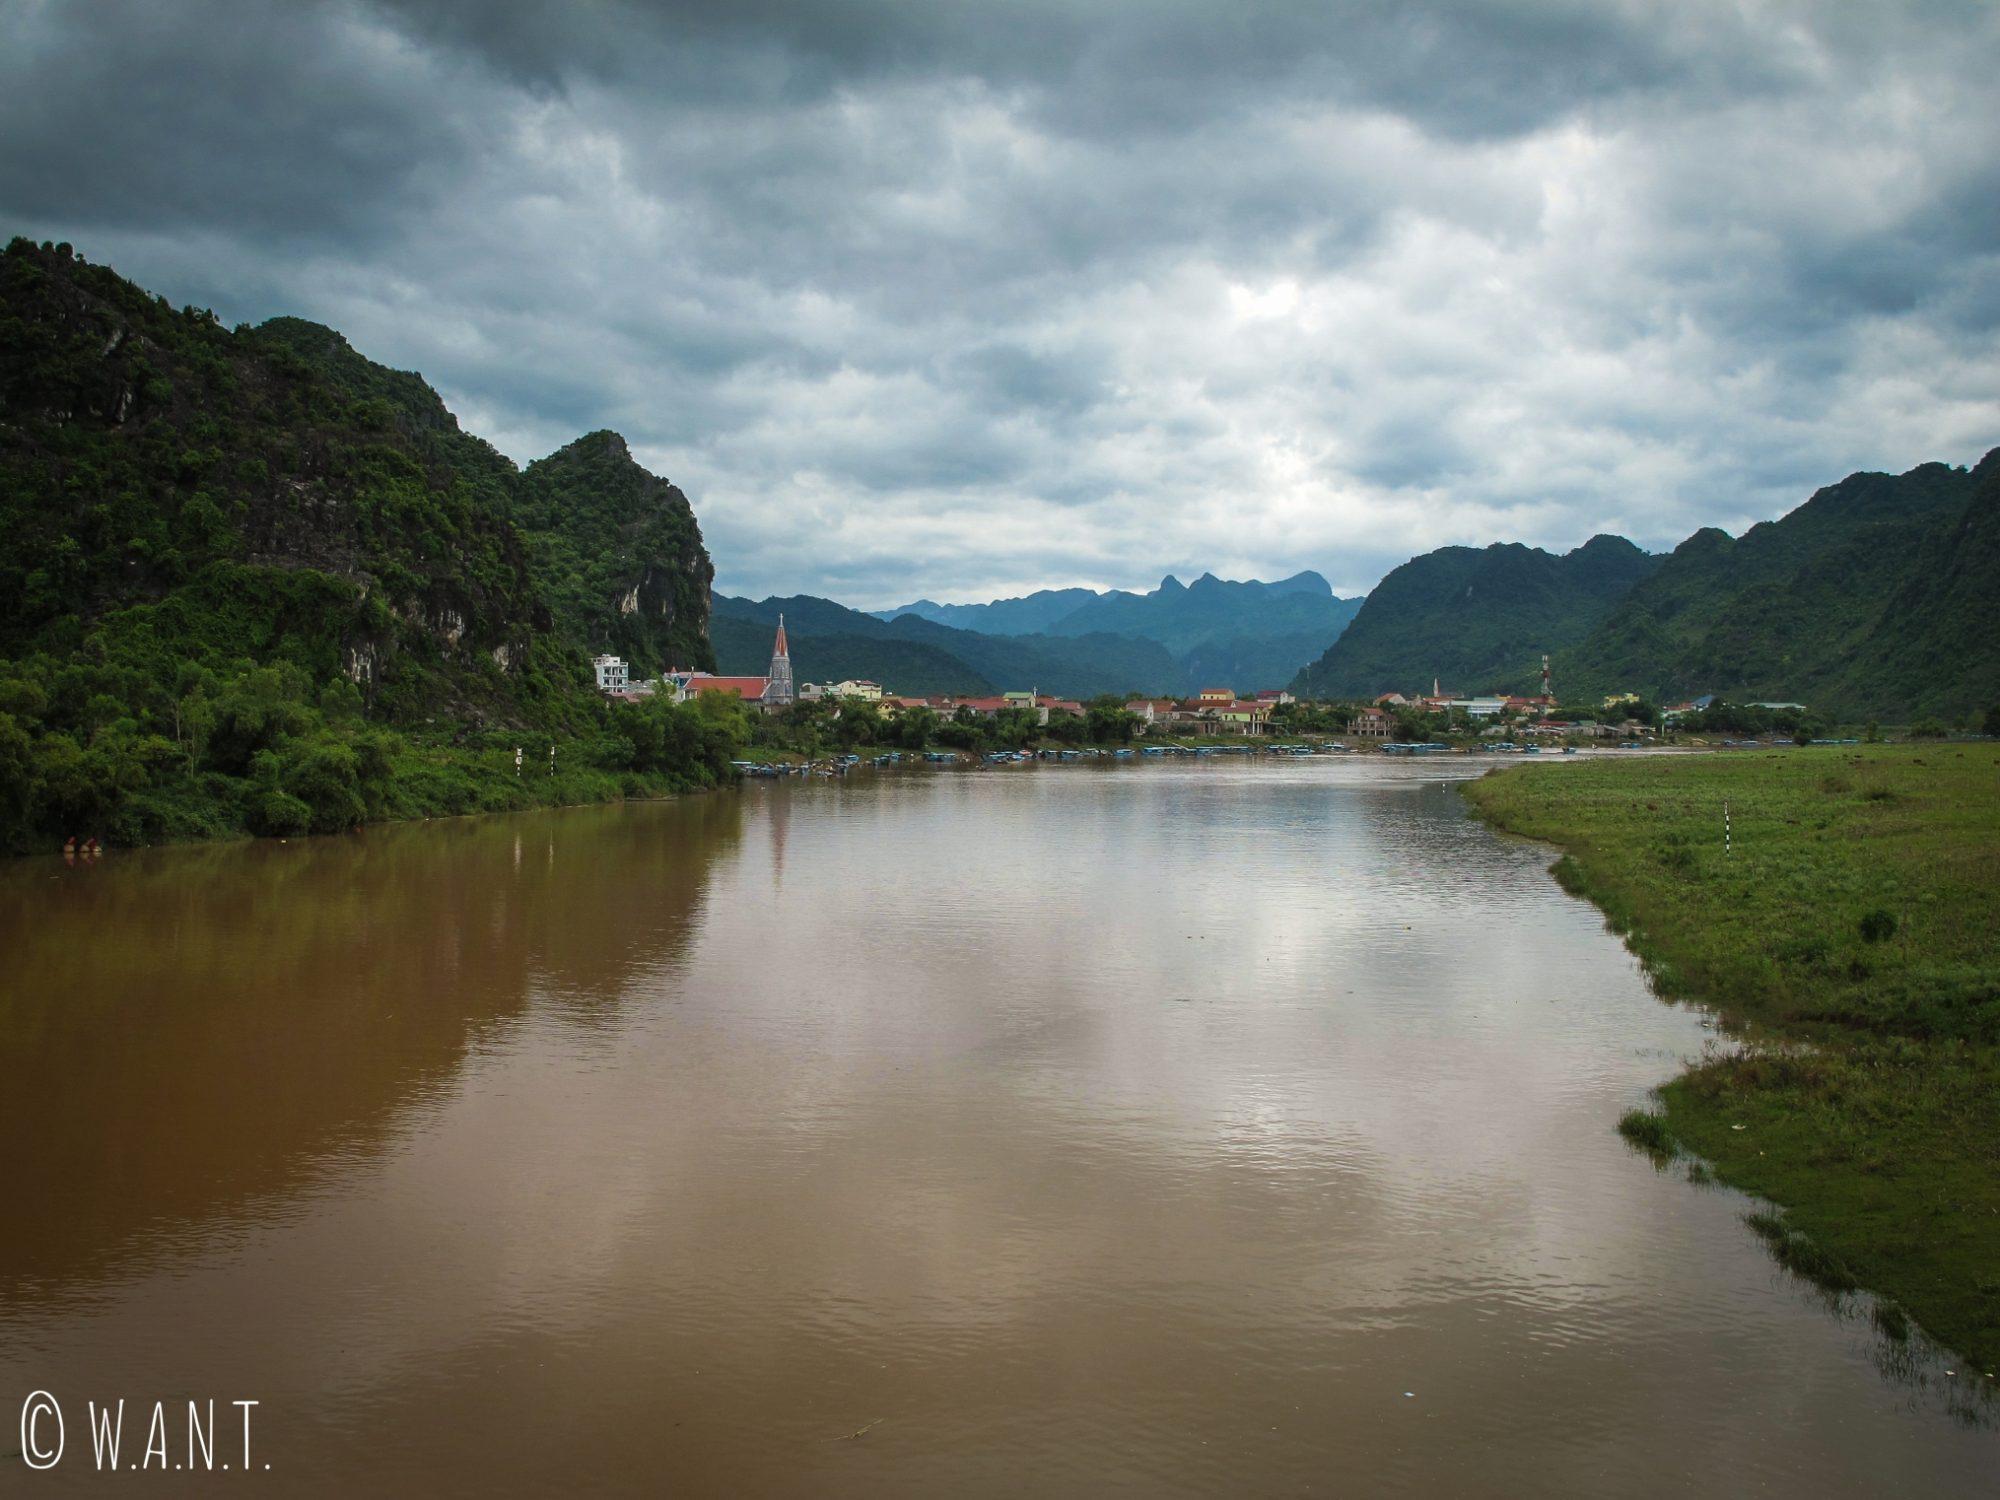 Vue sur le village de Son Trach depuis le pont